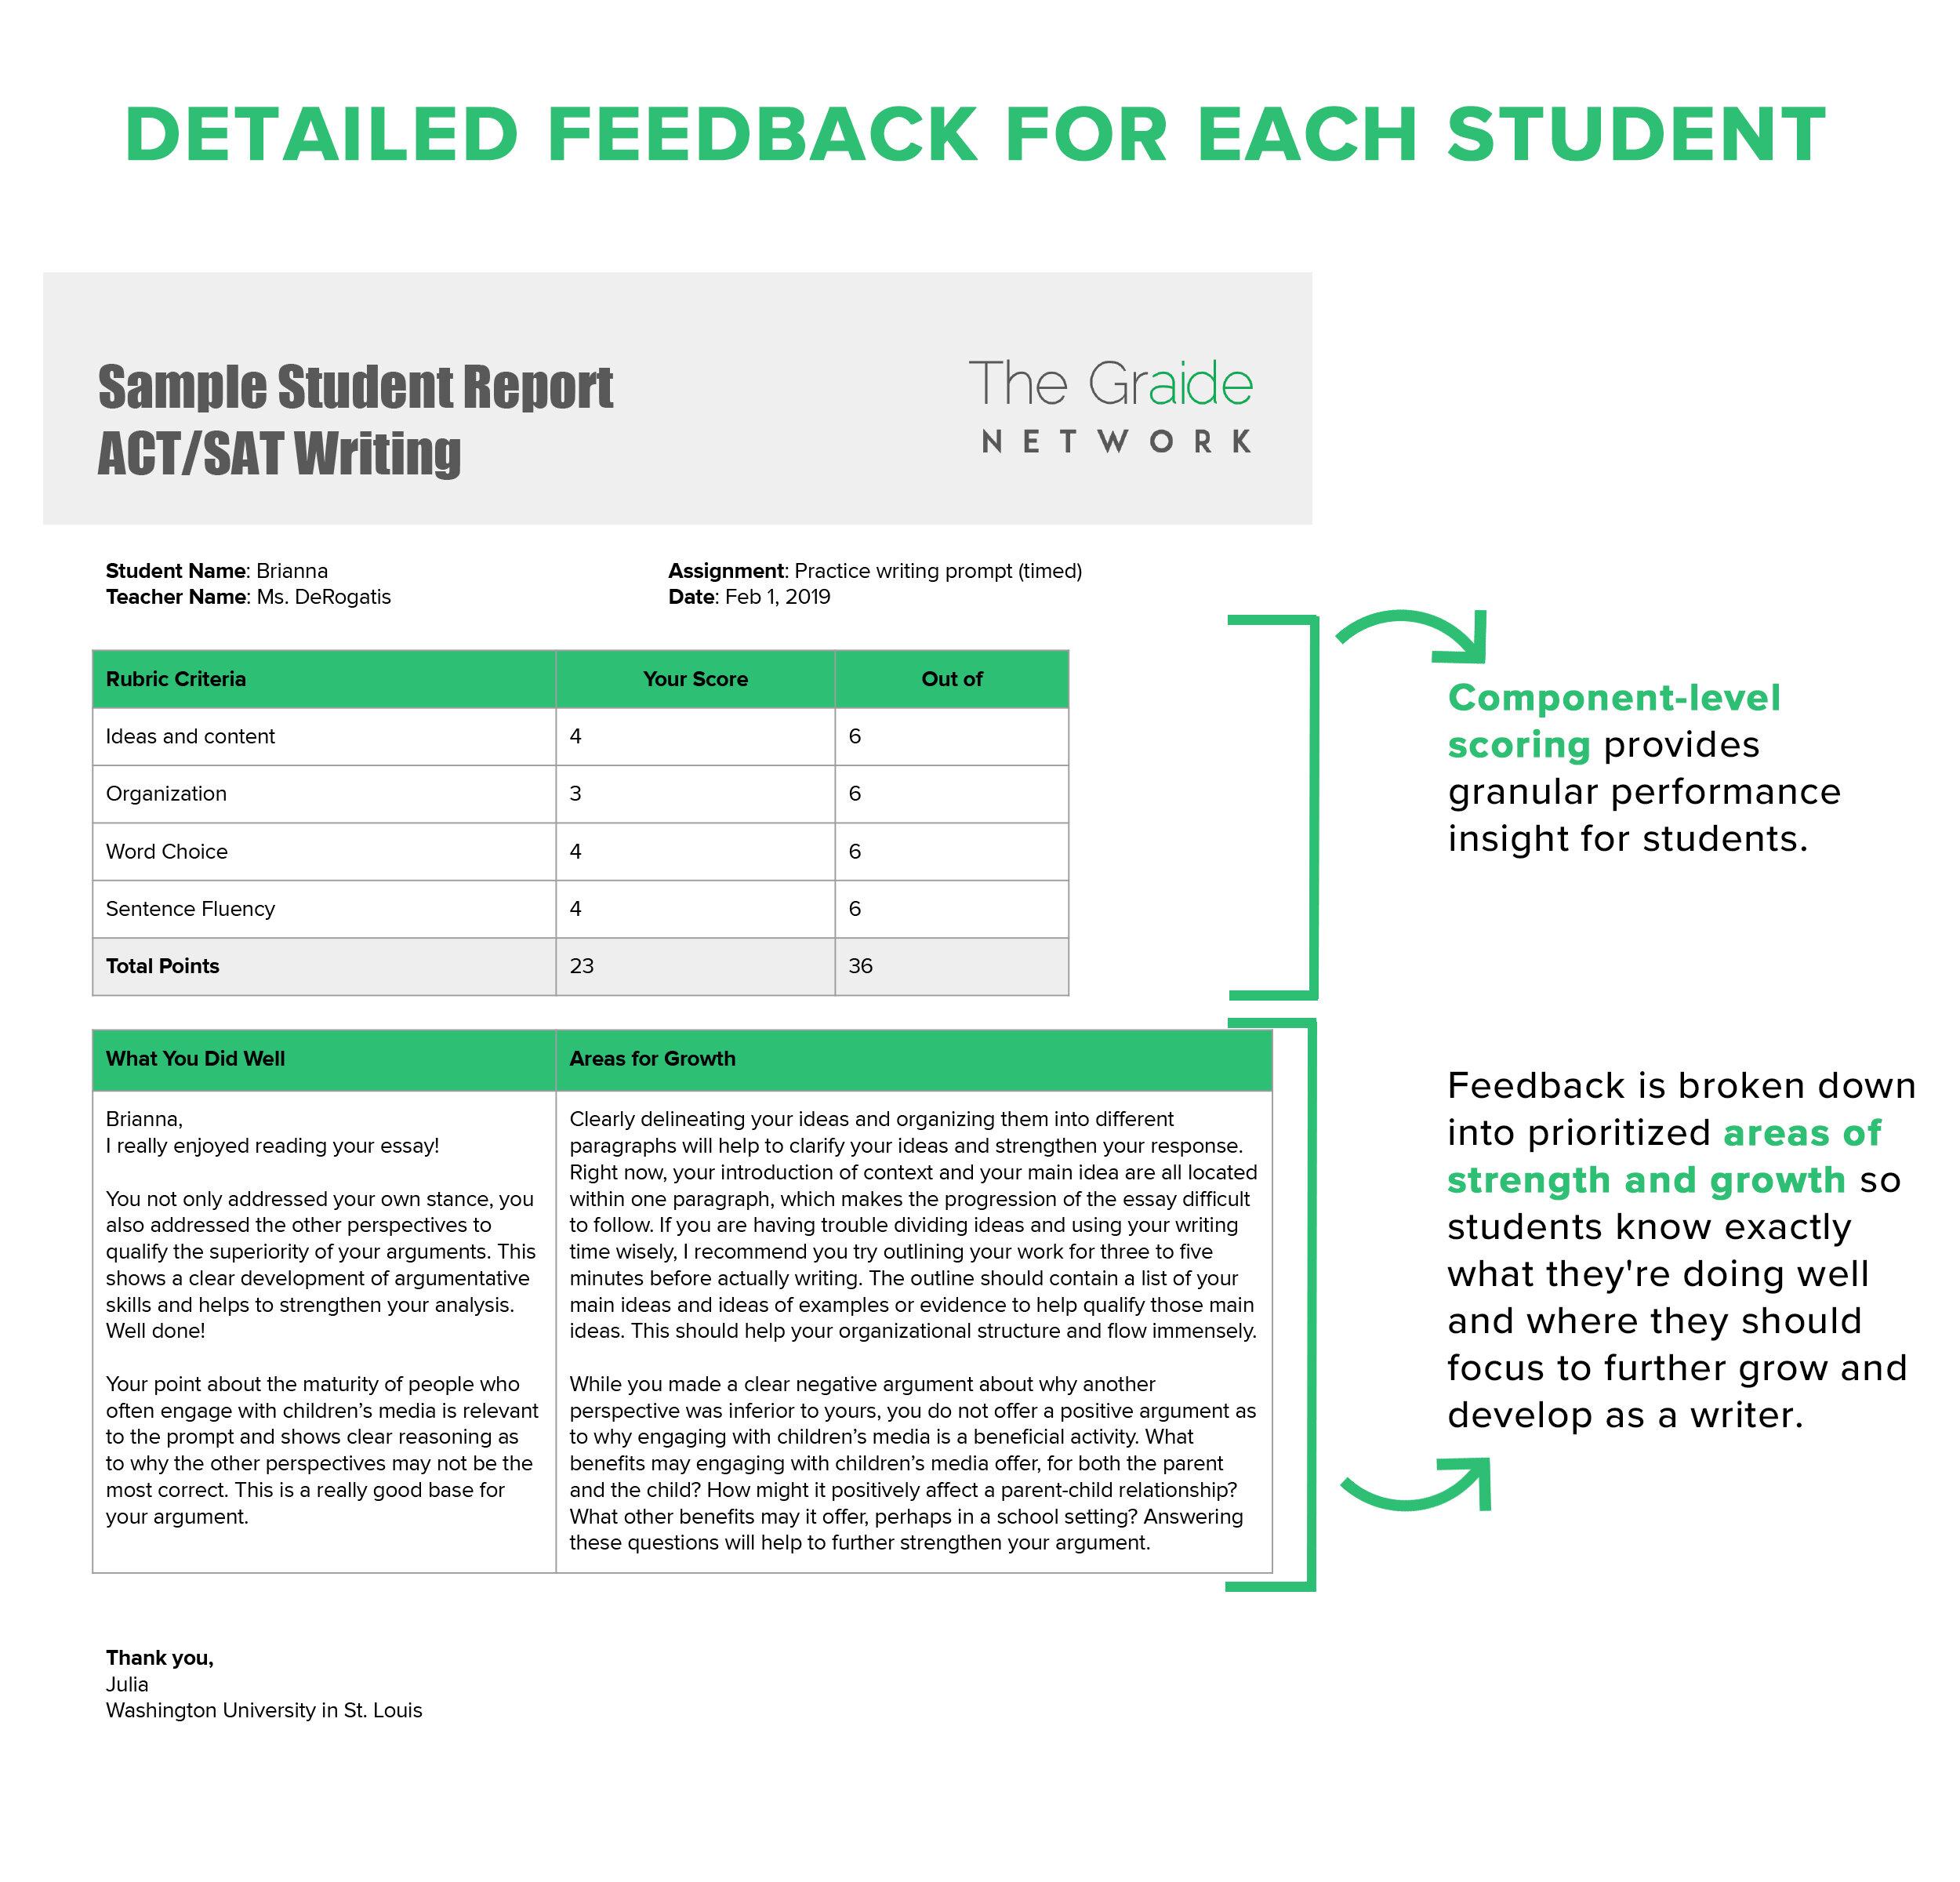 Sample Report Diagram_Student.jpg